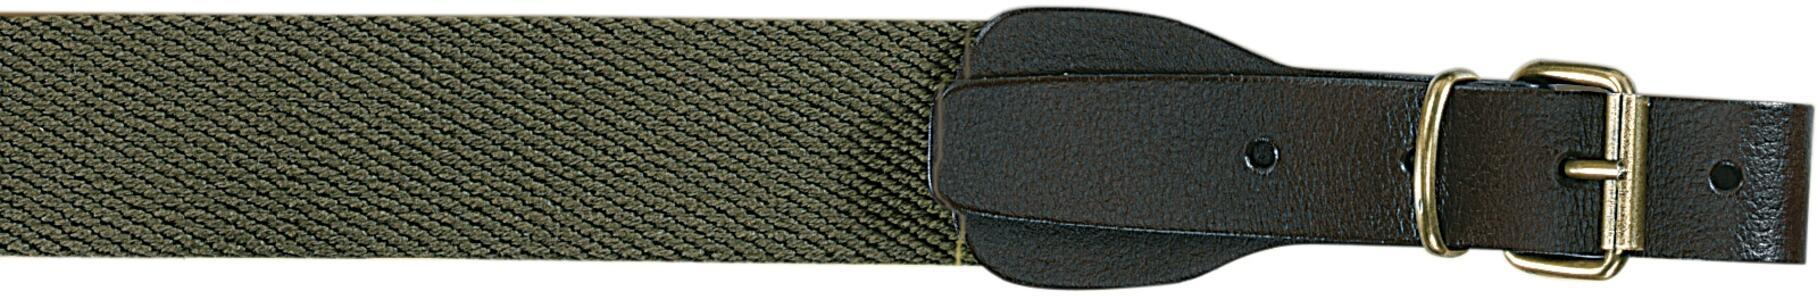 Bretella per fucile in tessuto colore verde militare mm.30